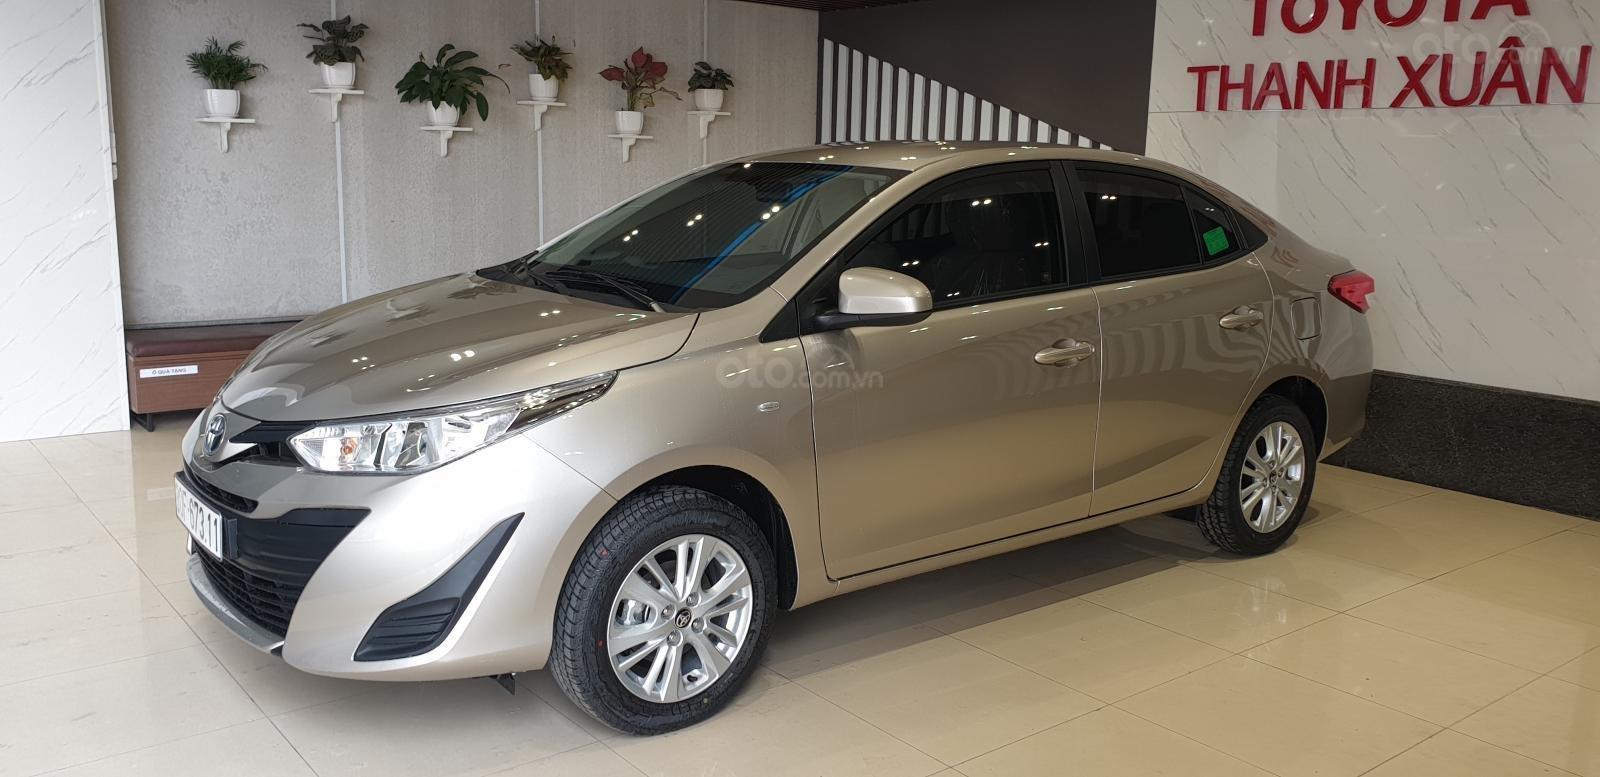 Toyota Vios 1.5E số sàn giao ngay, chiết khấu tiền mặt, tặng gói phụ kiện chính hãng, hỗ trợ mua trả góp 85% giá trị xe-1